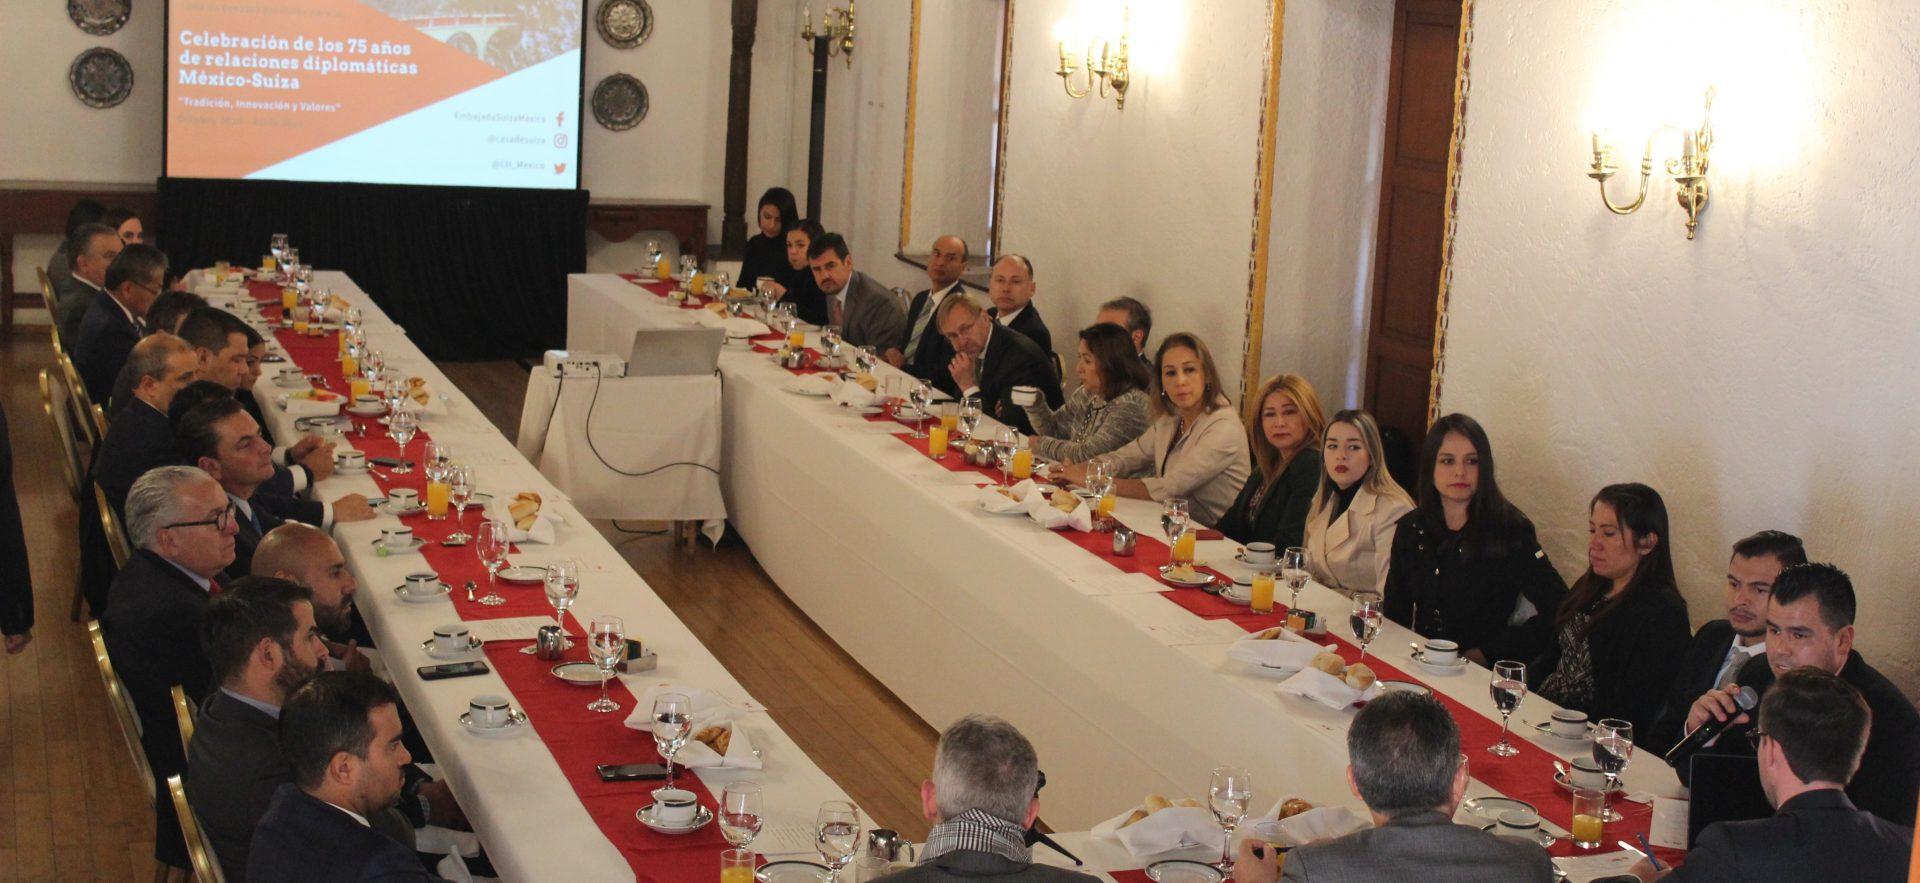 Desayuno 75° Aniversario Relaciones Diplomáticas México-Suiza